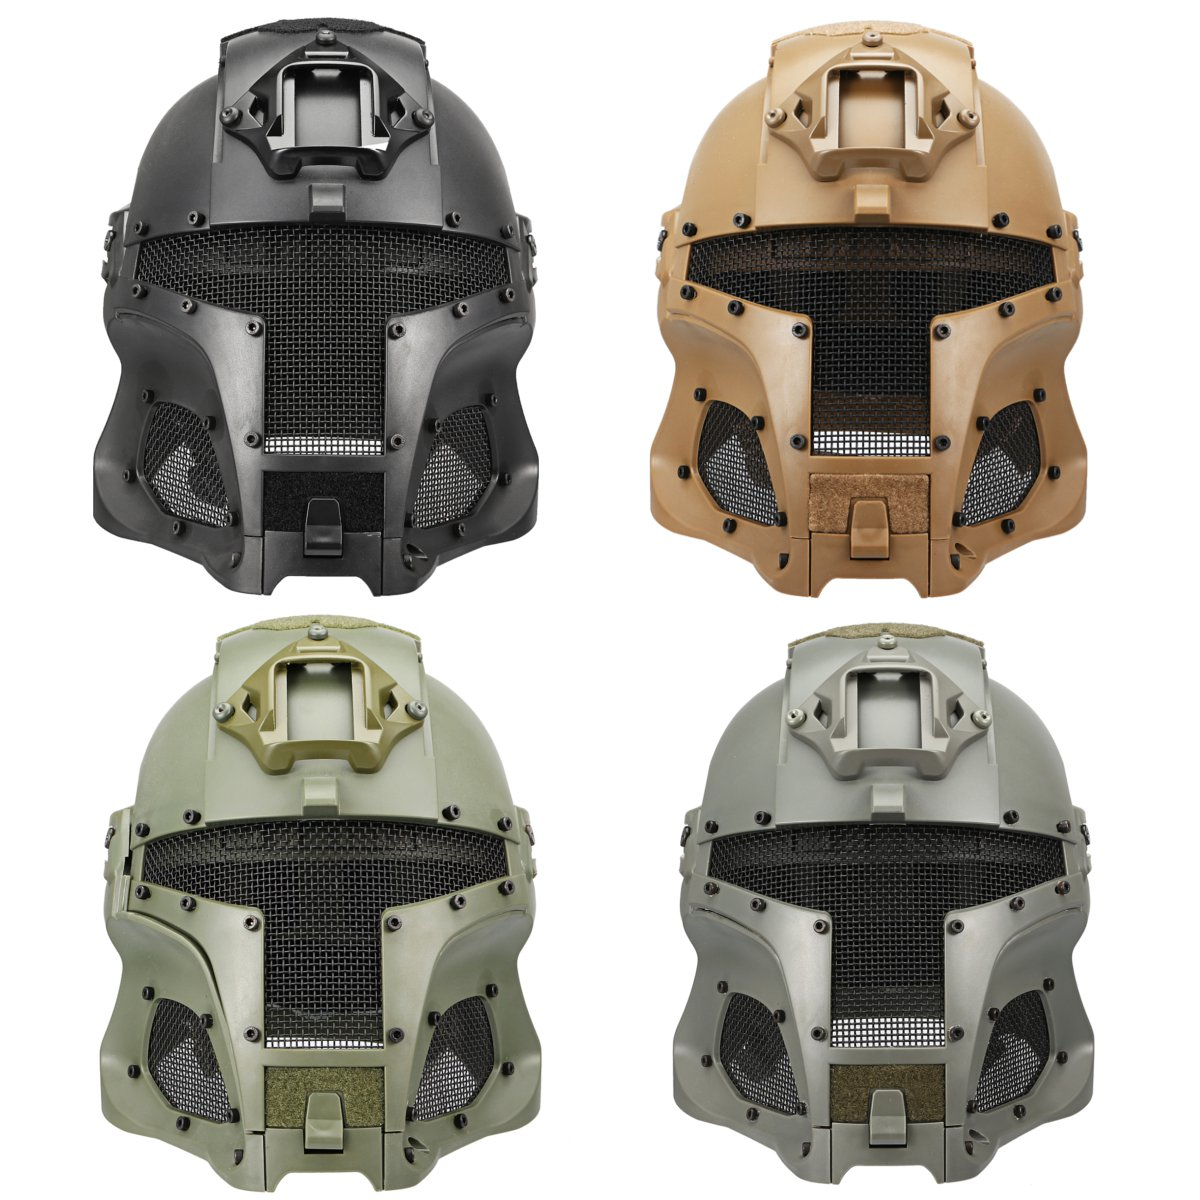 4 couleurs ABS intégré rétro Sport guerrier intégral maille casque bouclier médiéval fer guerrier tactique extérieur rétro moto